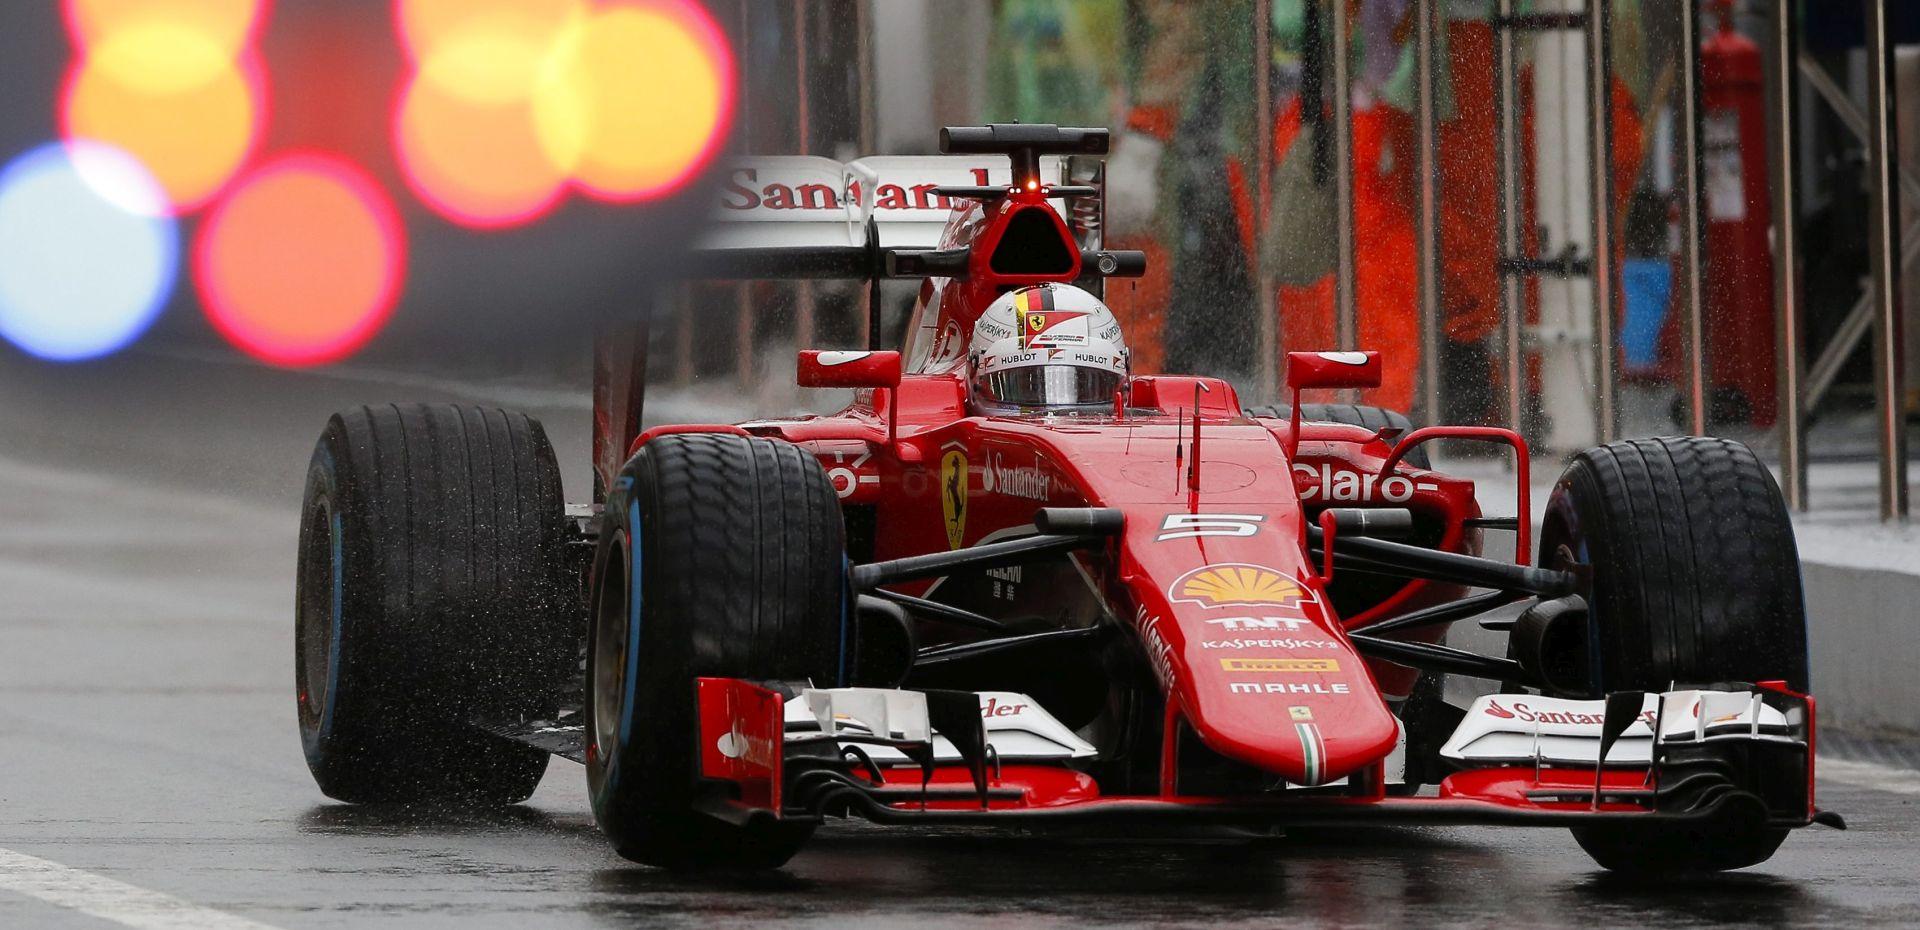 PRAVILA SU PRAVILA Vettel uoči Austina kažnjen s deset pozicija